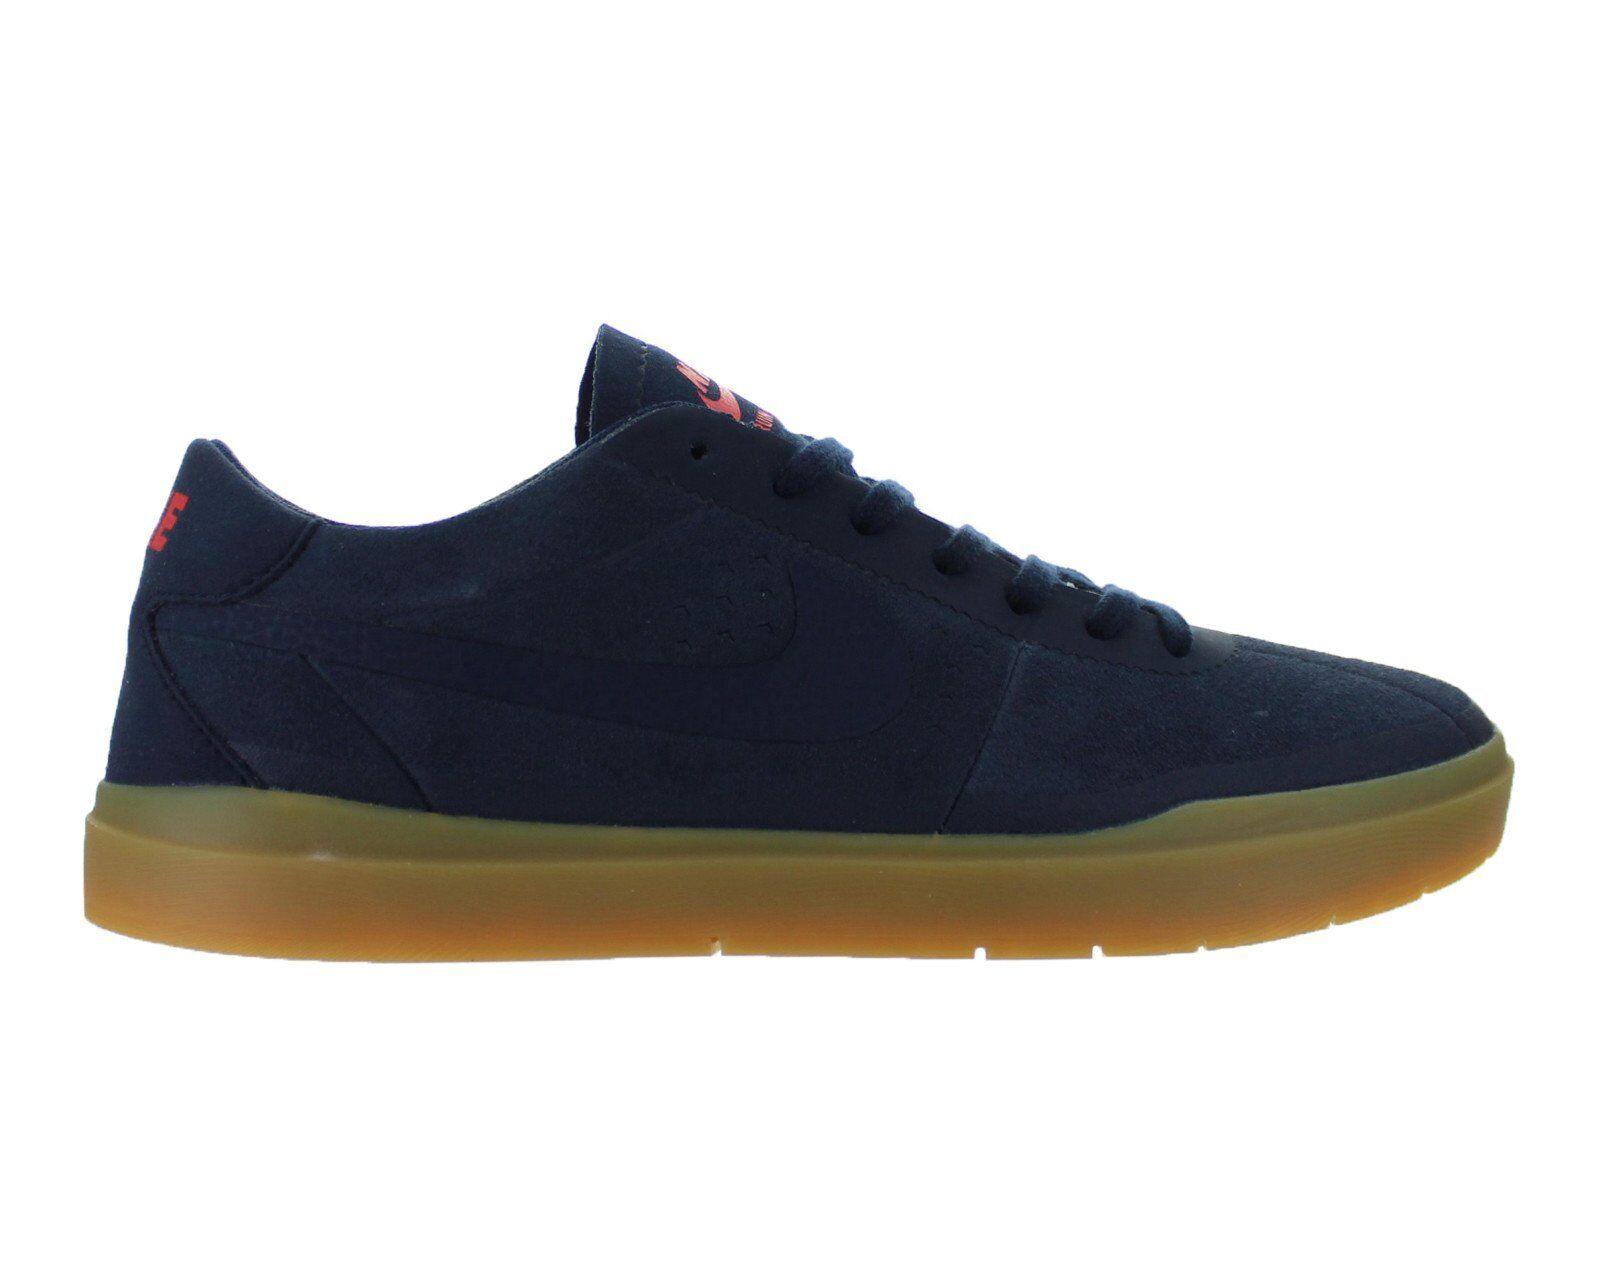 Hombre Nike SB Obsidian Bruin Hyperfeel Obsidian SB Azul Gum 831756449 2c018d